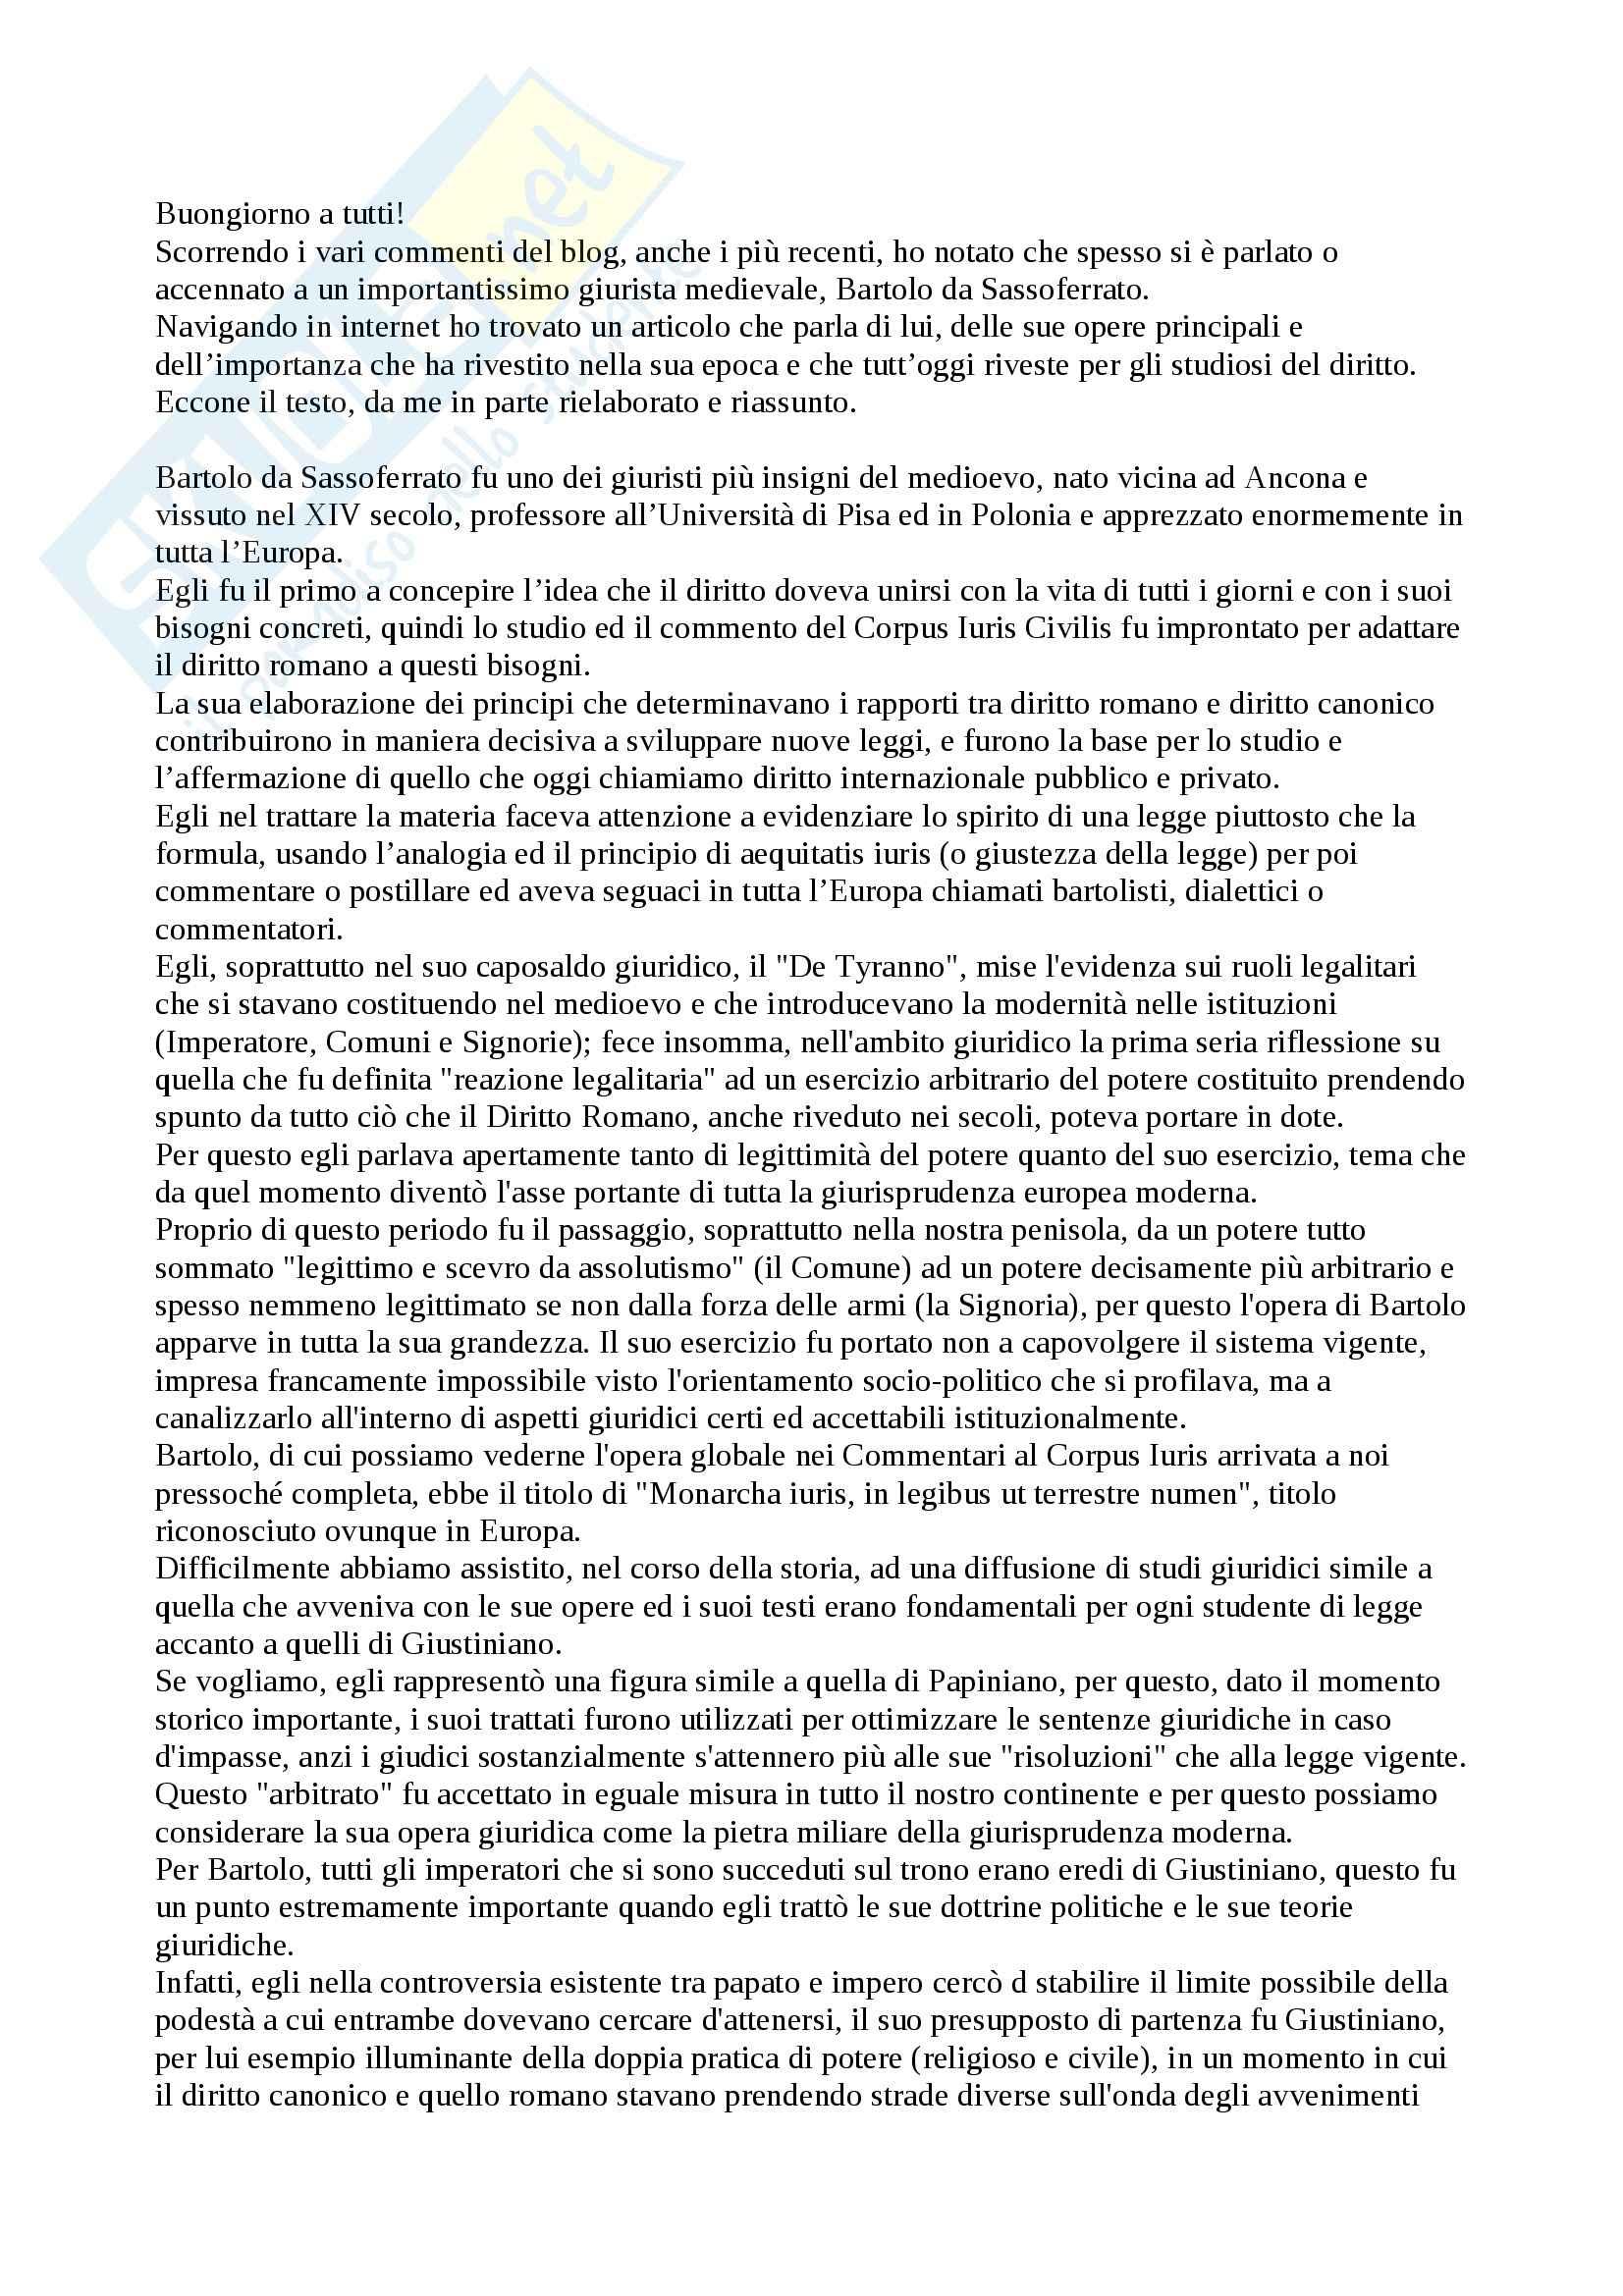 Bartolo da Sassoferrato